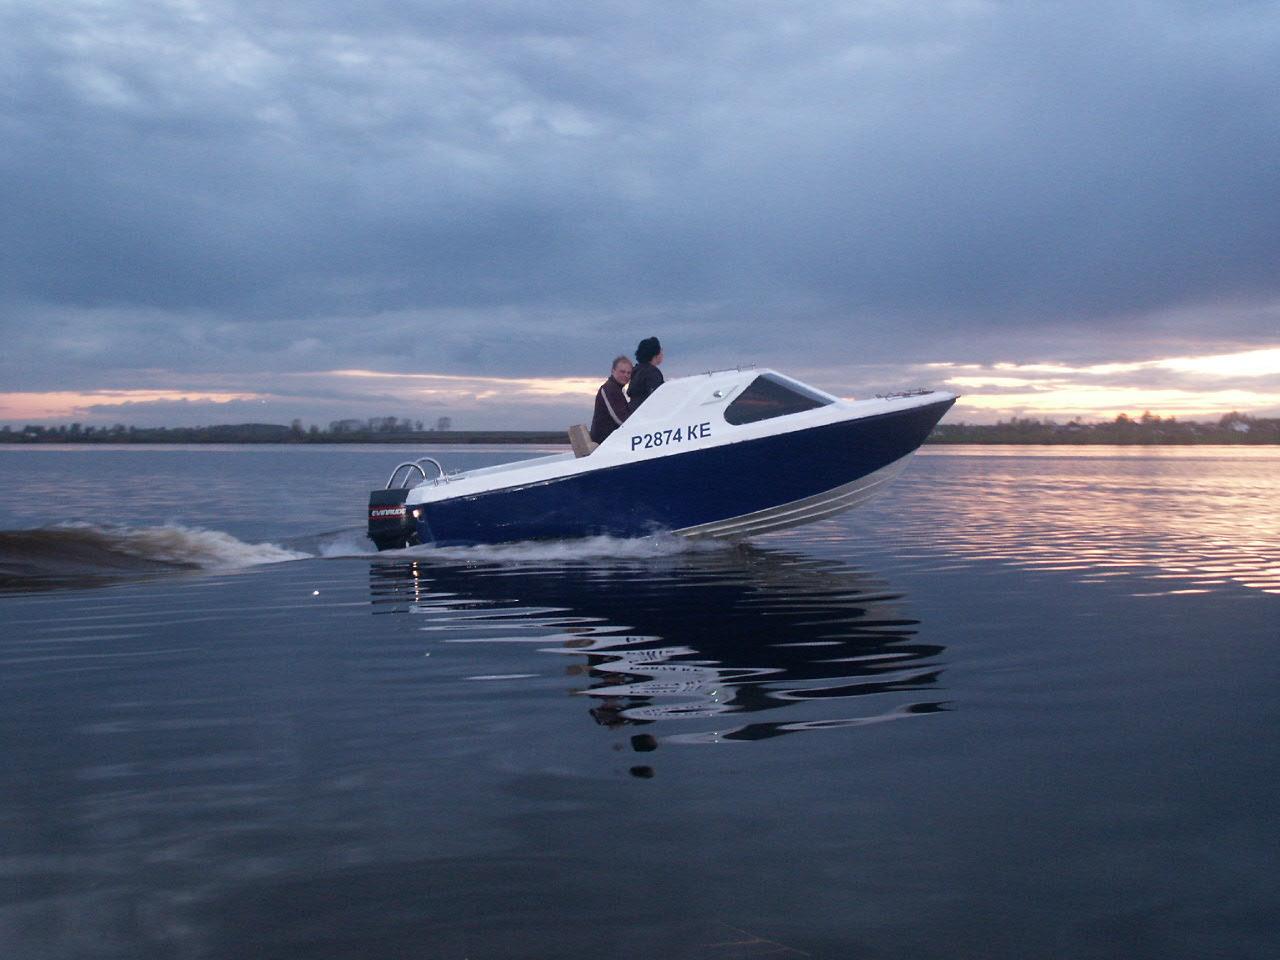 Управление дифферентом глиссирующего катера: излагаем в общих чертах